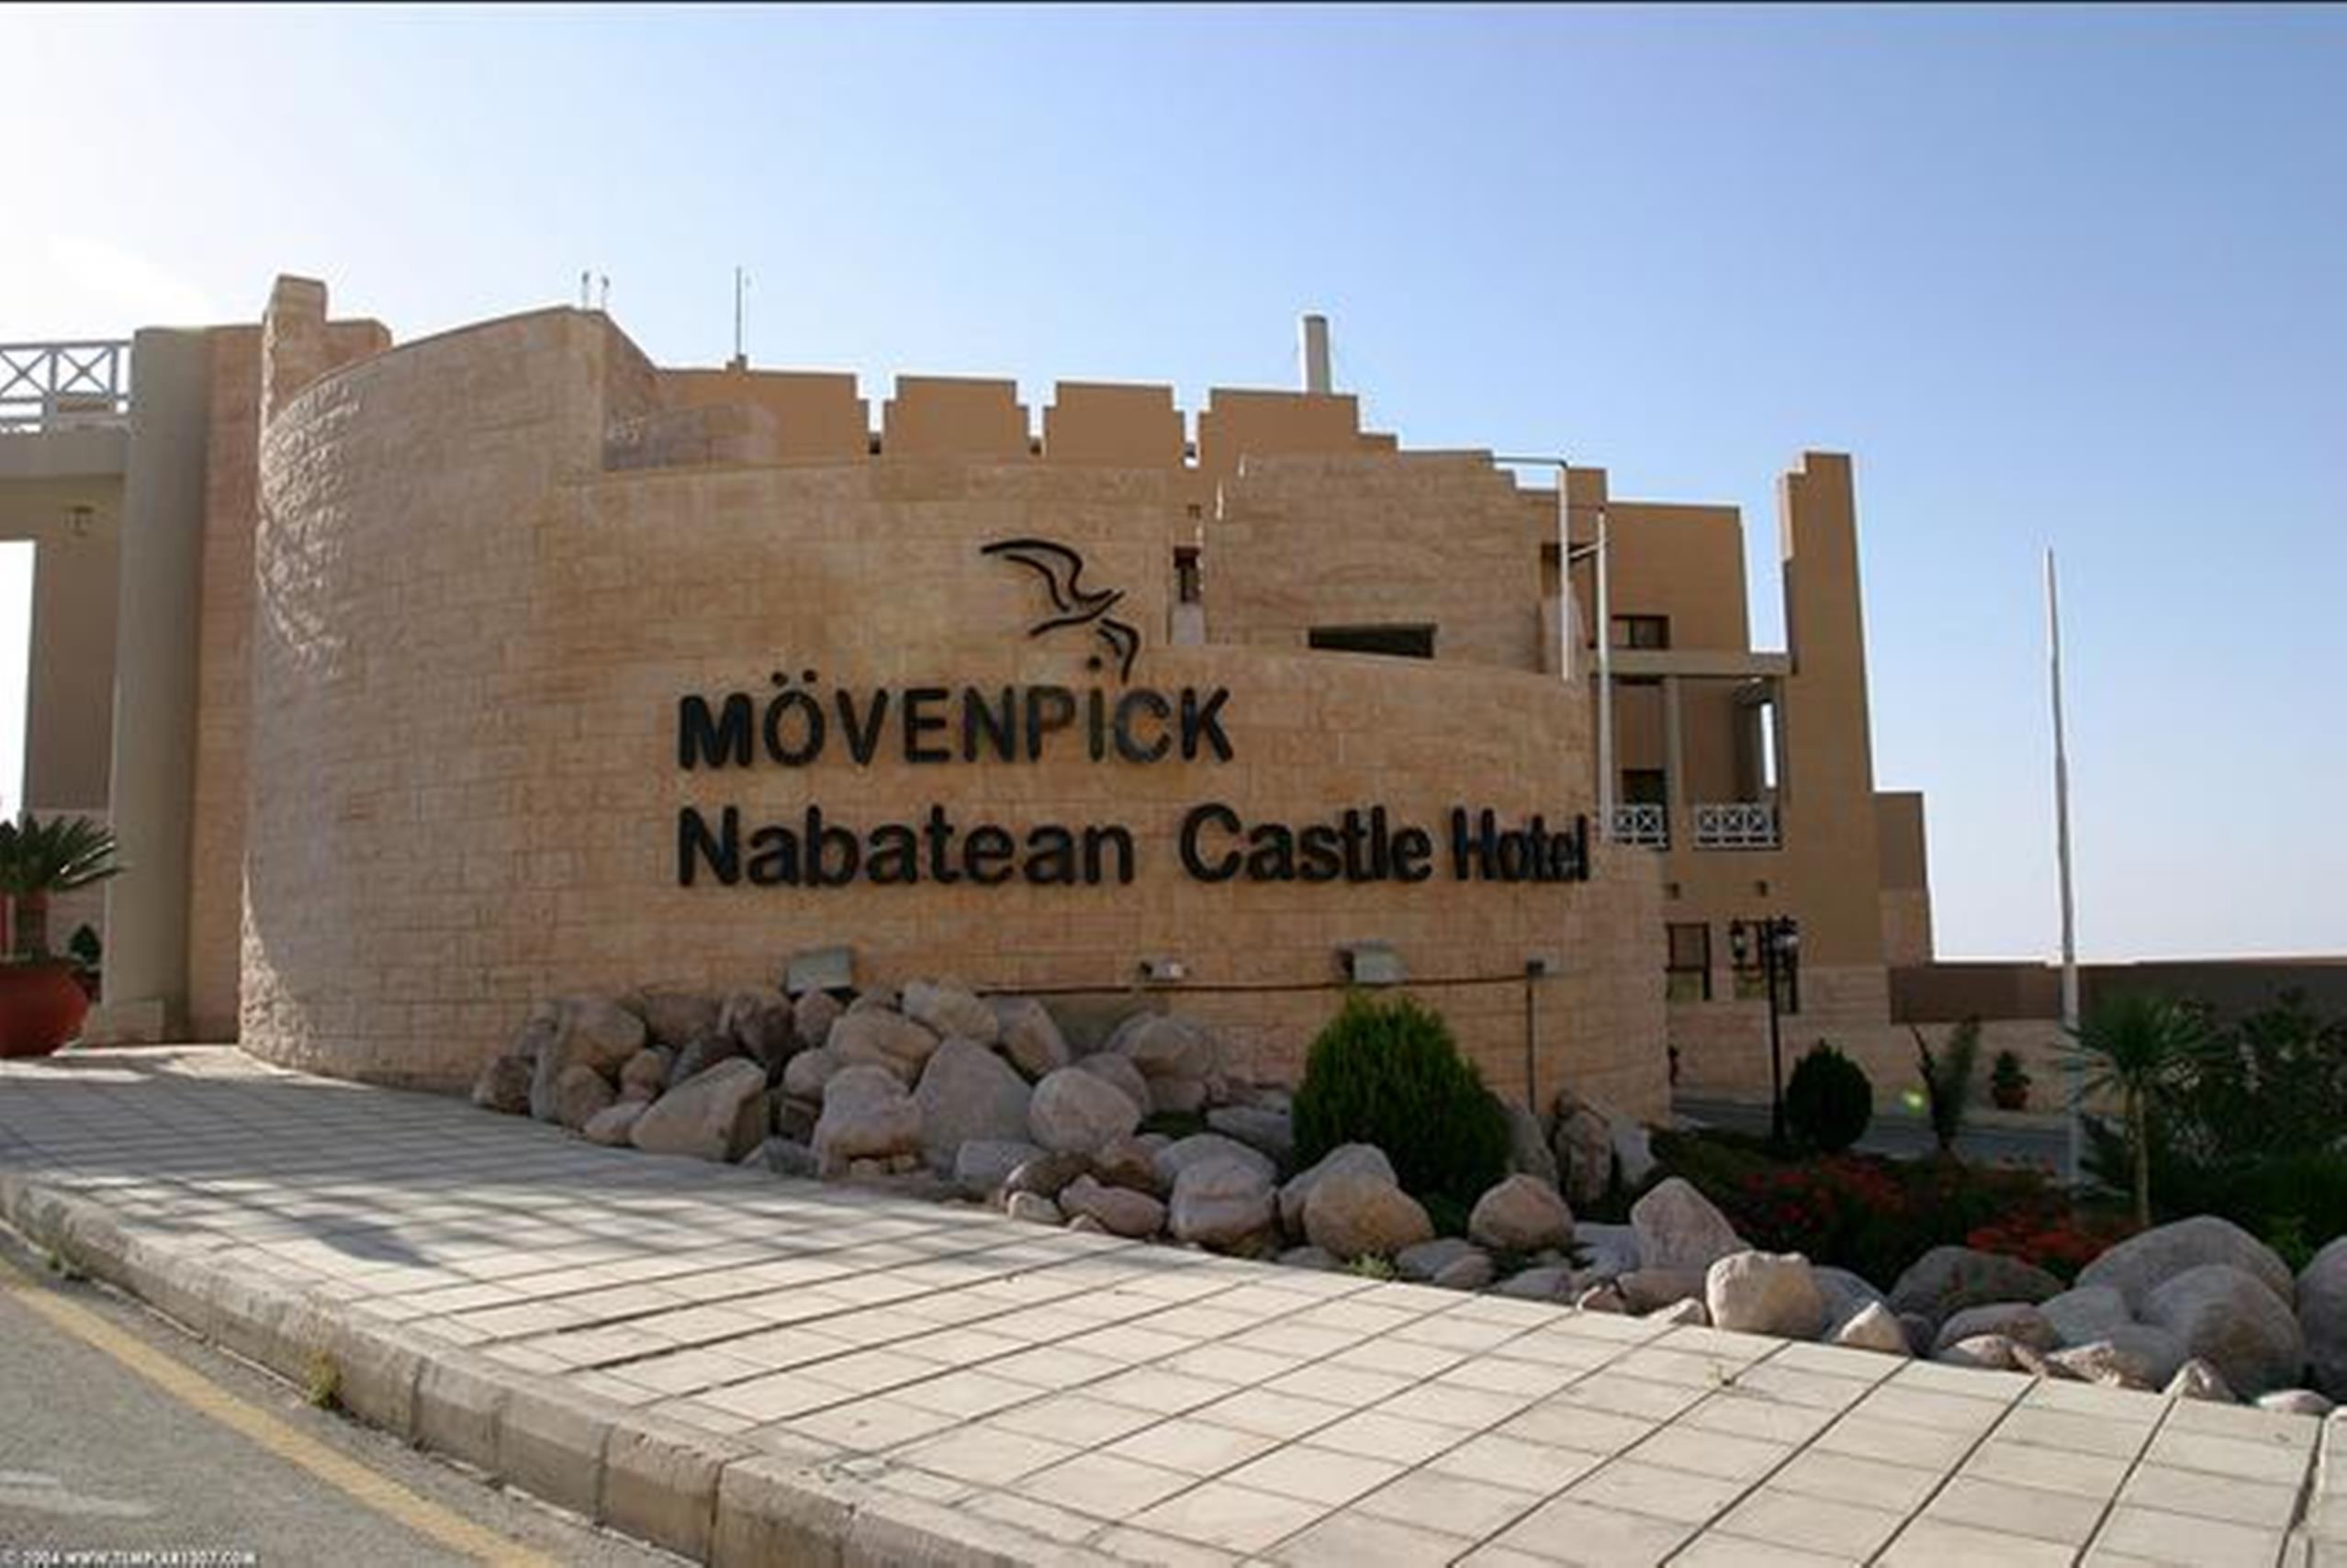 Mövenpick Nabatean Castle Hotel, Wadi Musa